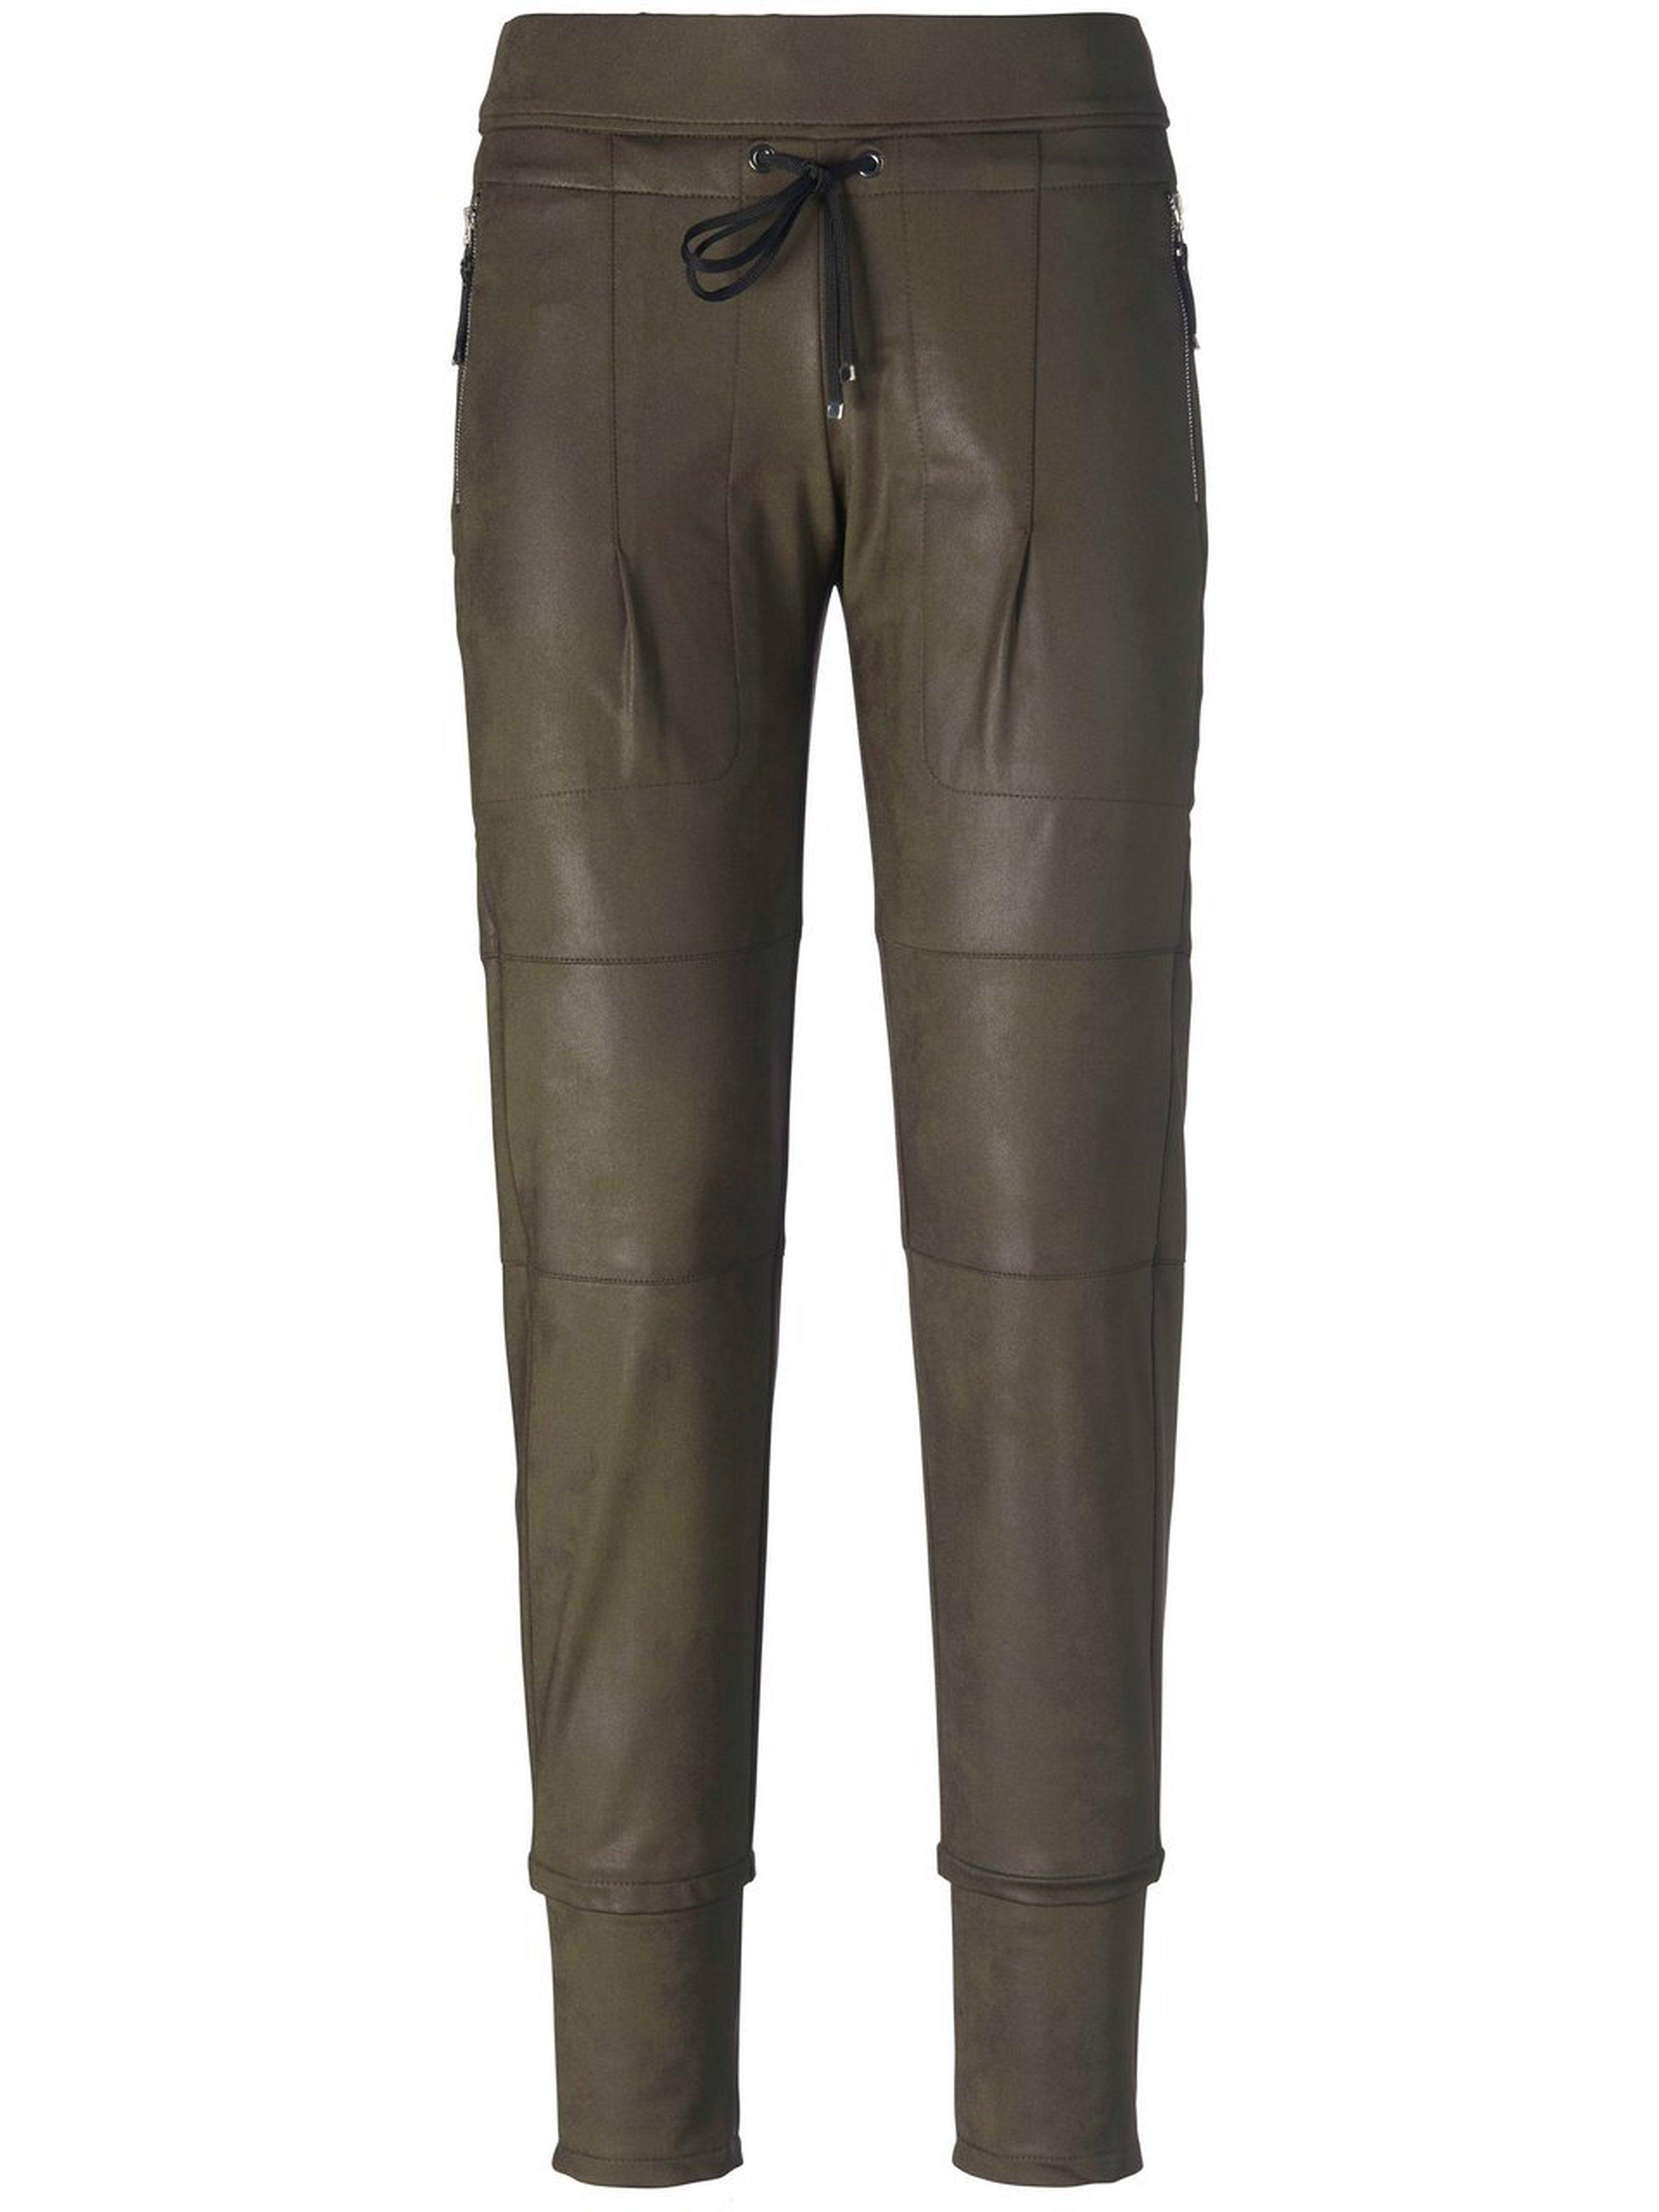 Jersey broek model Candy in jogg-pant-stijl Van Raffaello Rossi groen